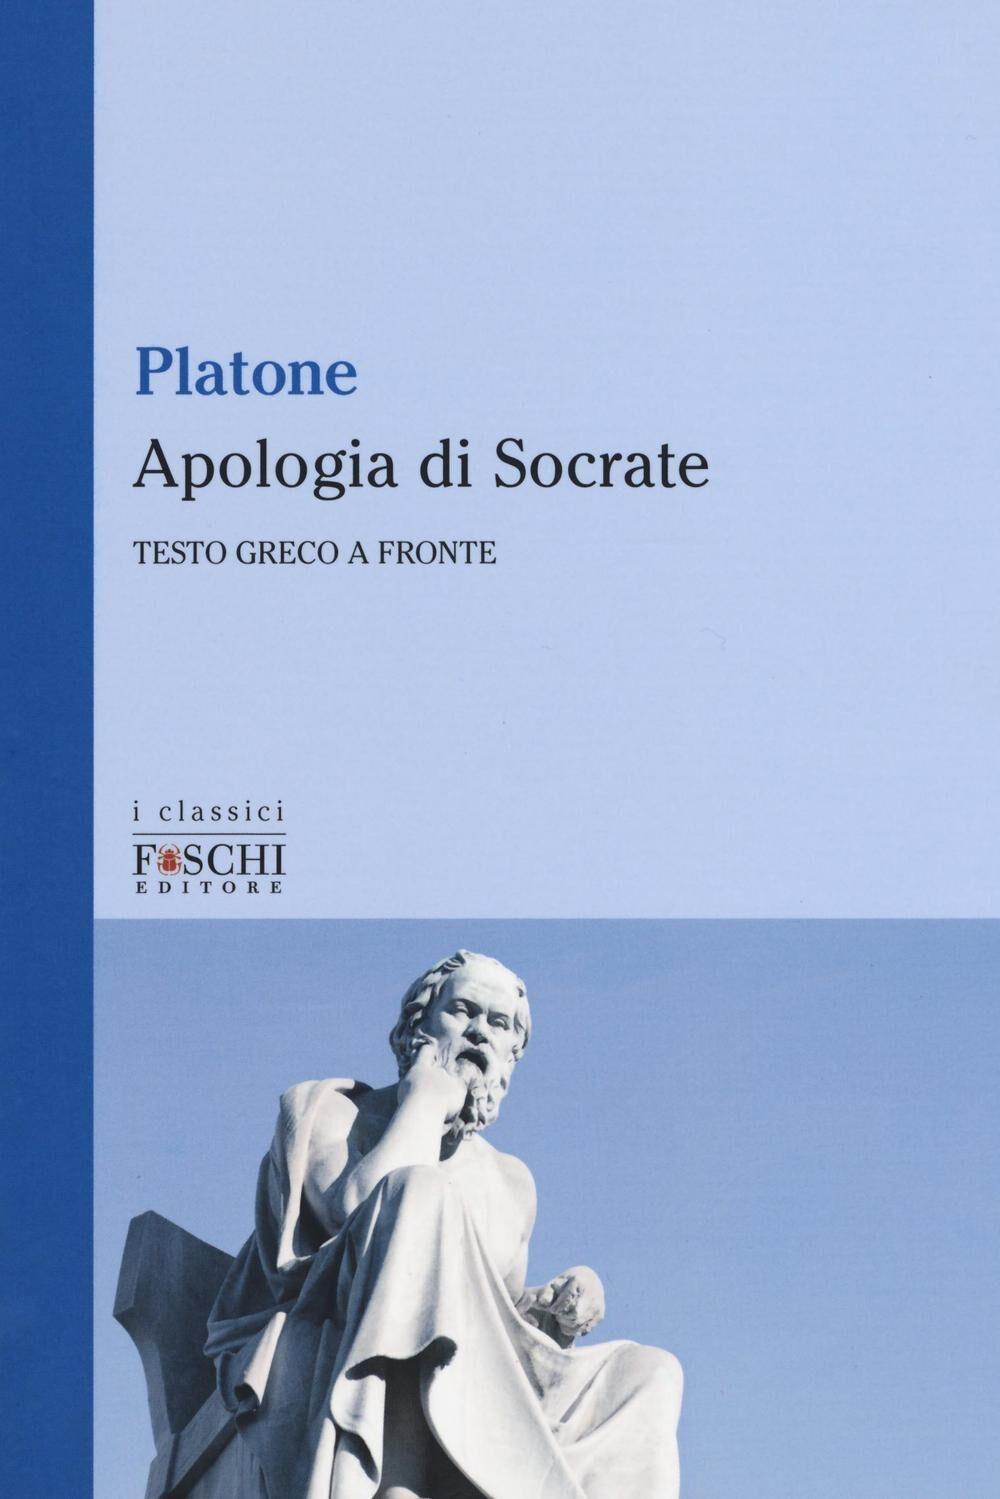 Apologia di Socrate. Testo greco a fronte